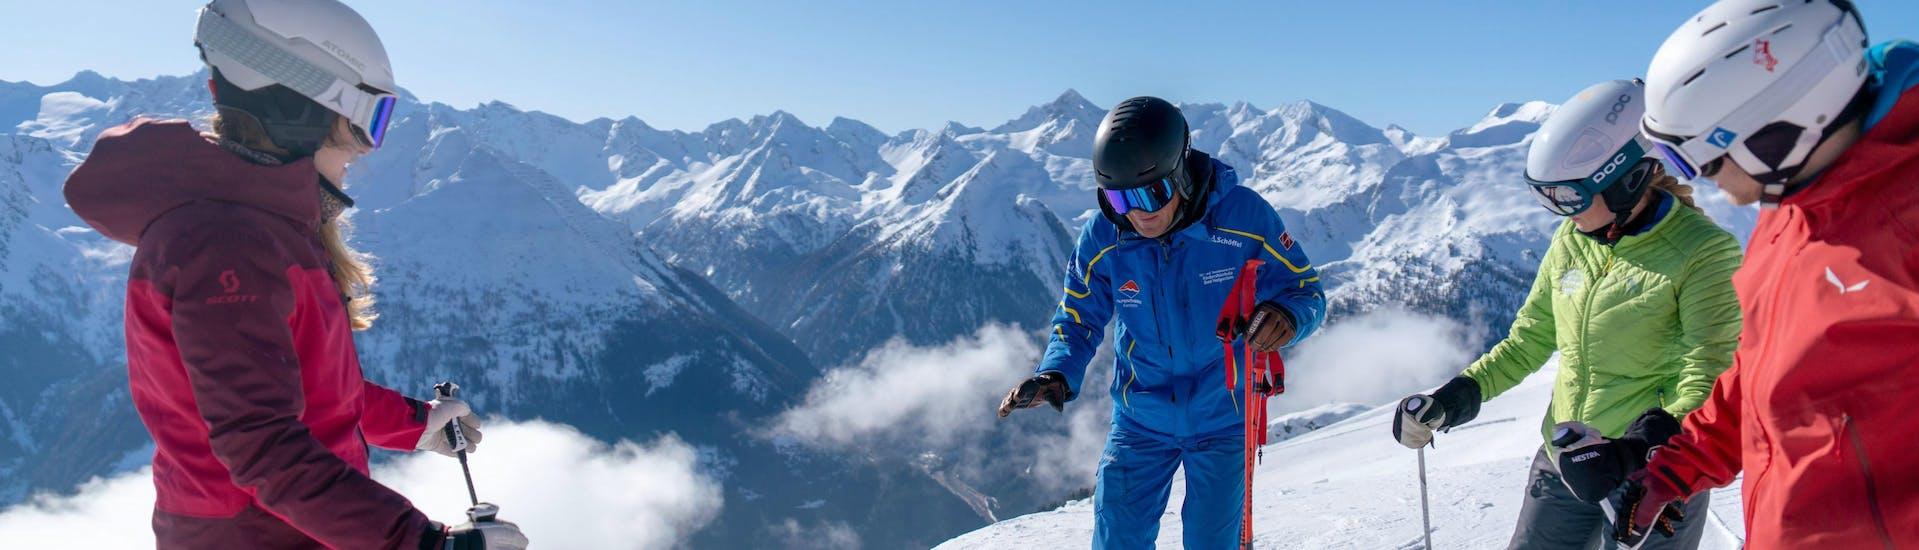 Skilessen voor volwassenen vanaf 18 jaar - vergevorderd